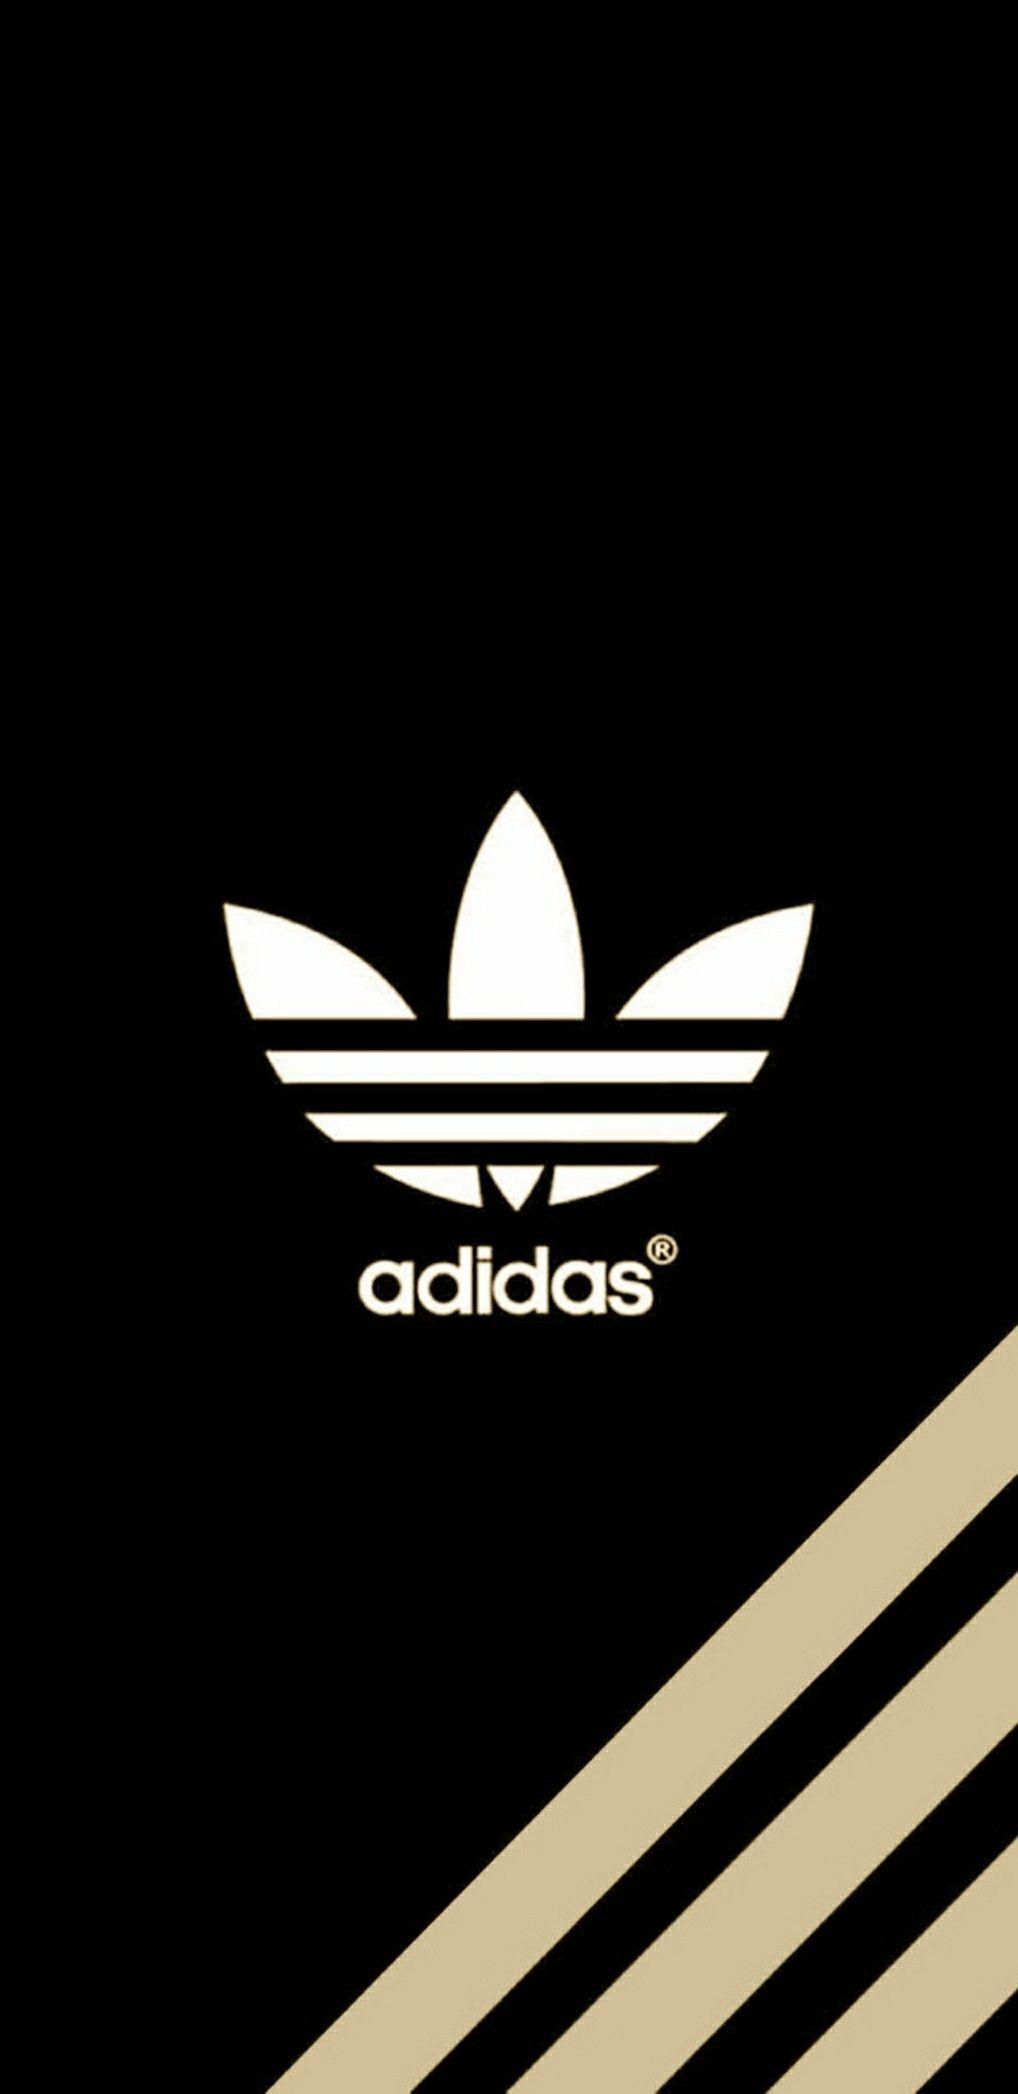 Adidas Wallpaper - Wallpaper Sun